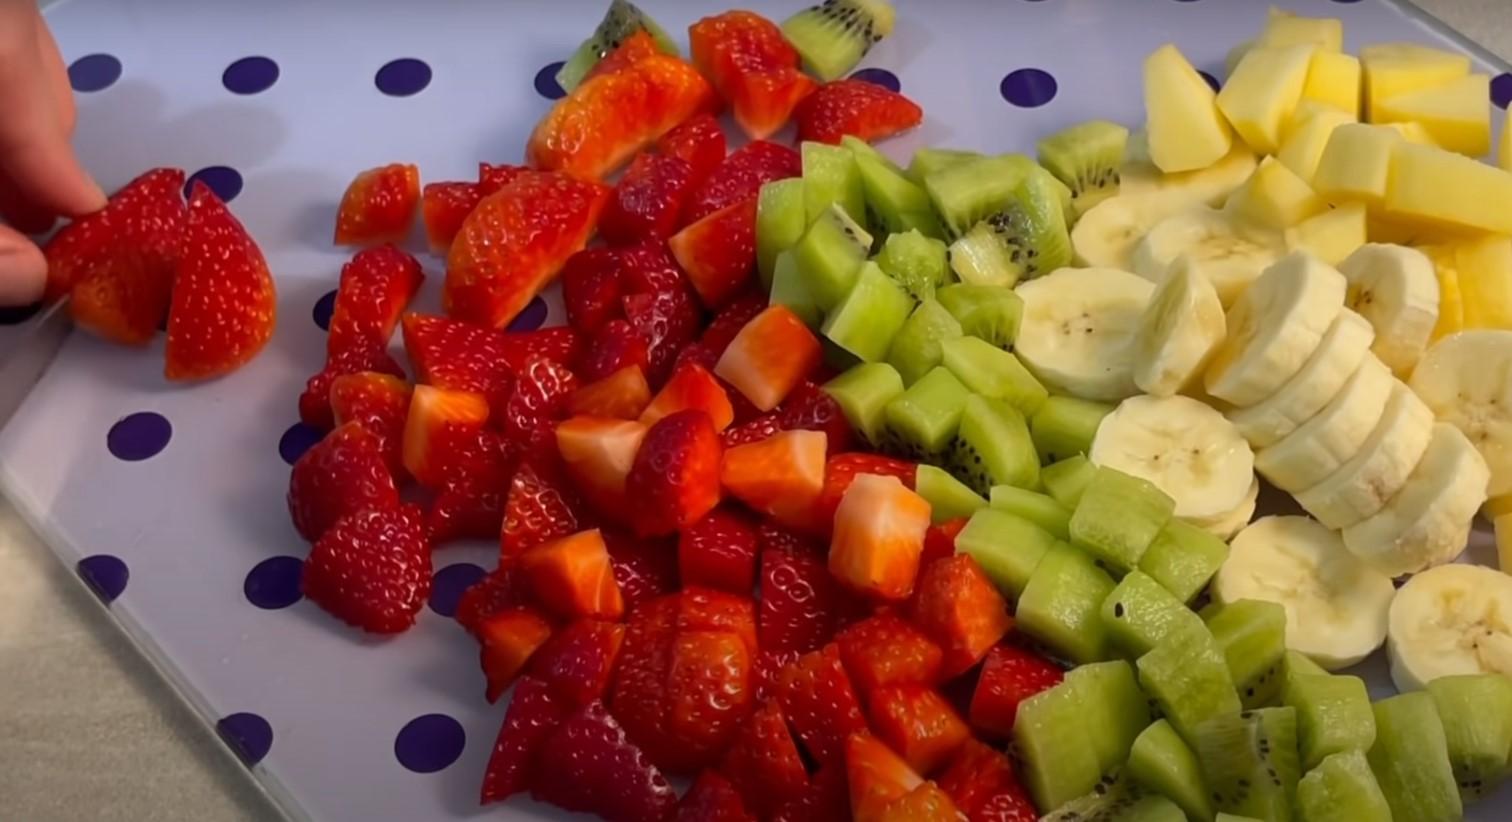 нарязани плодове